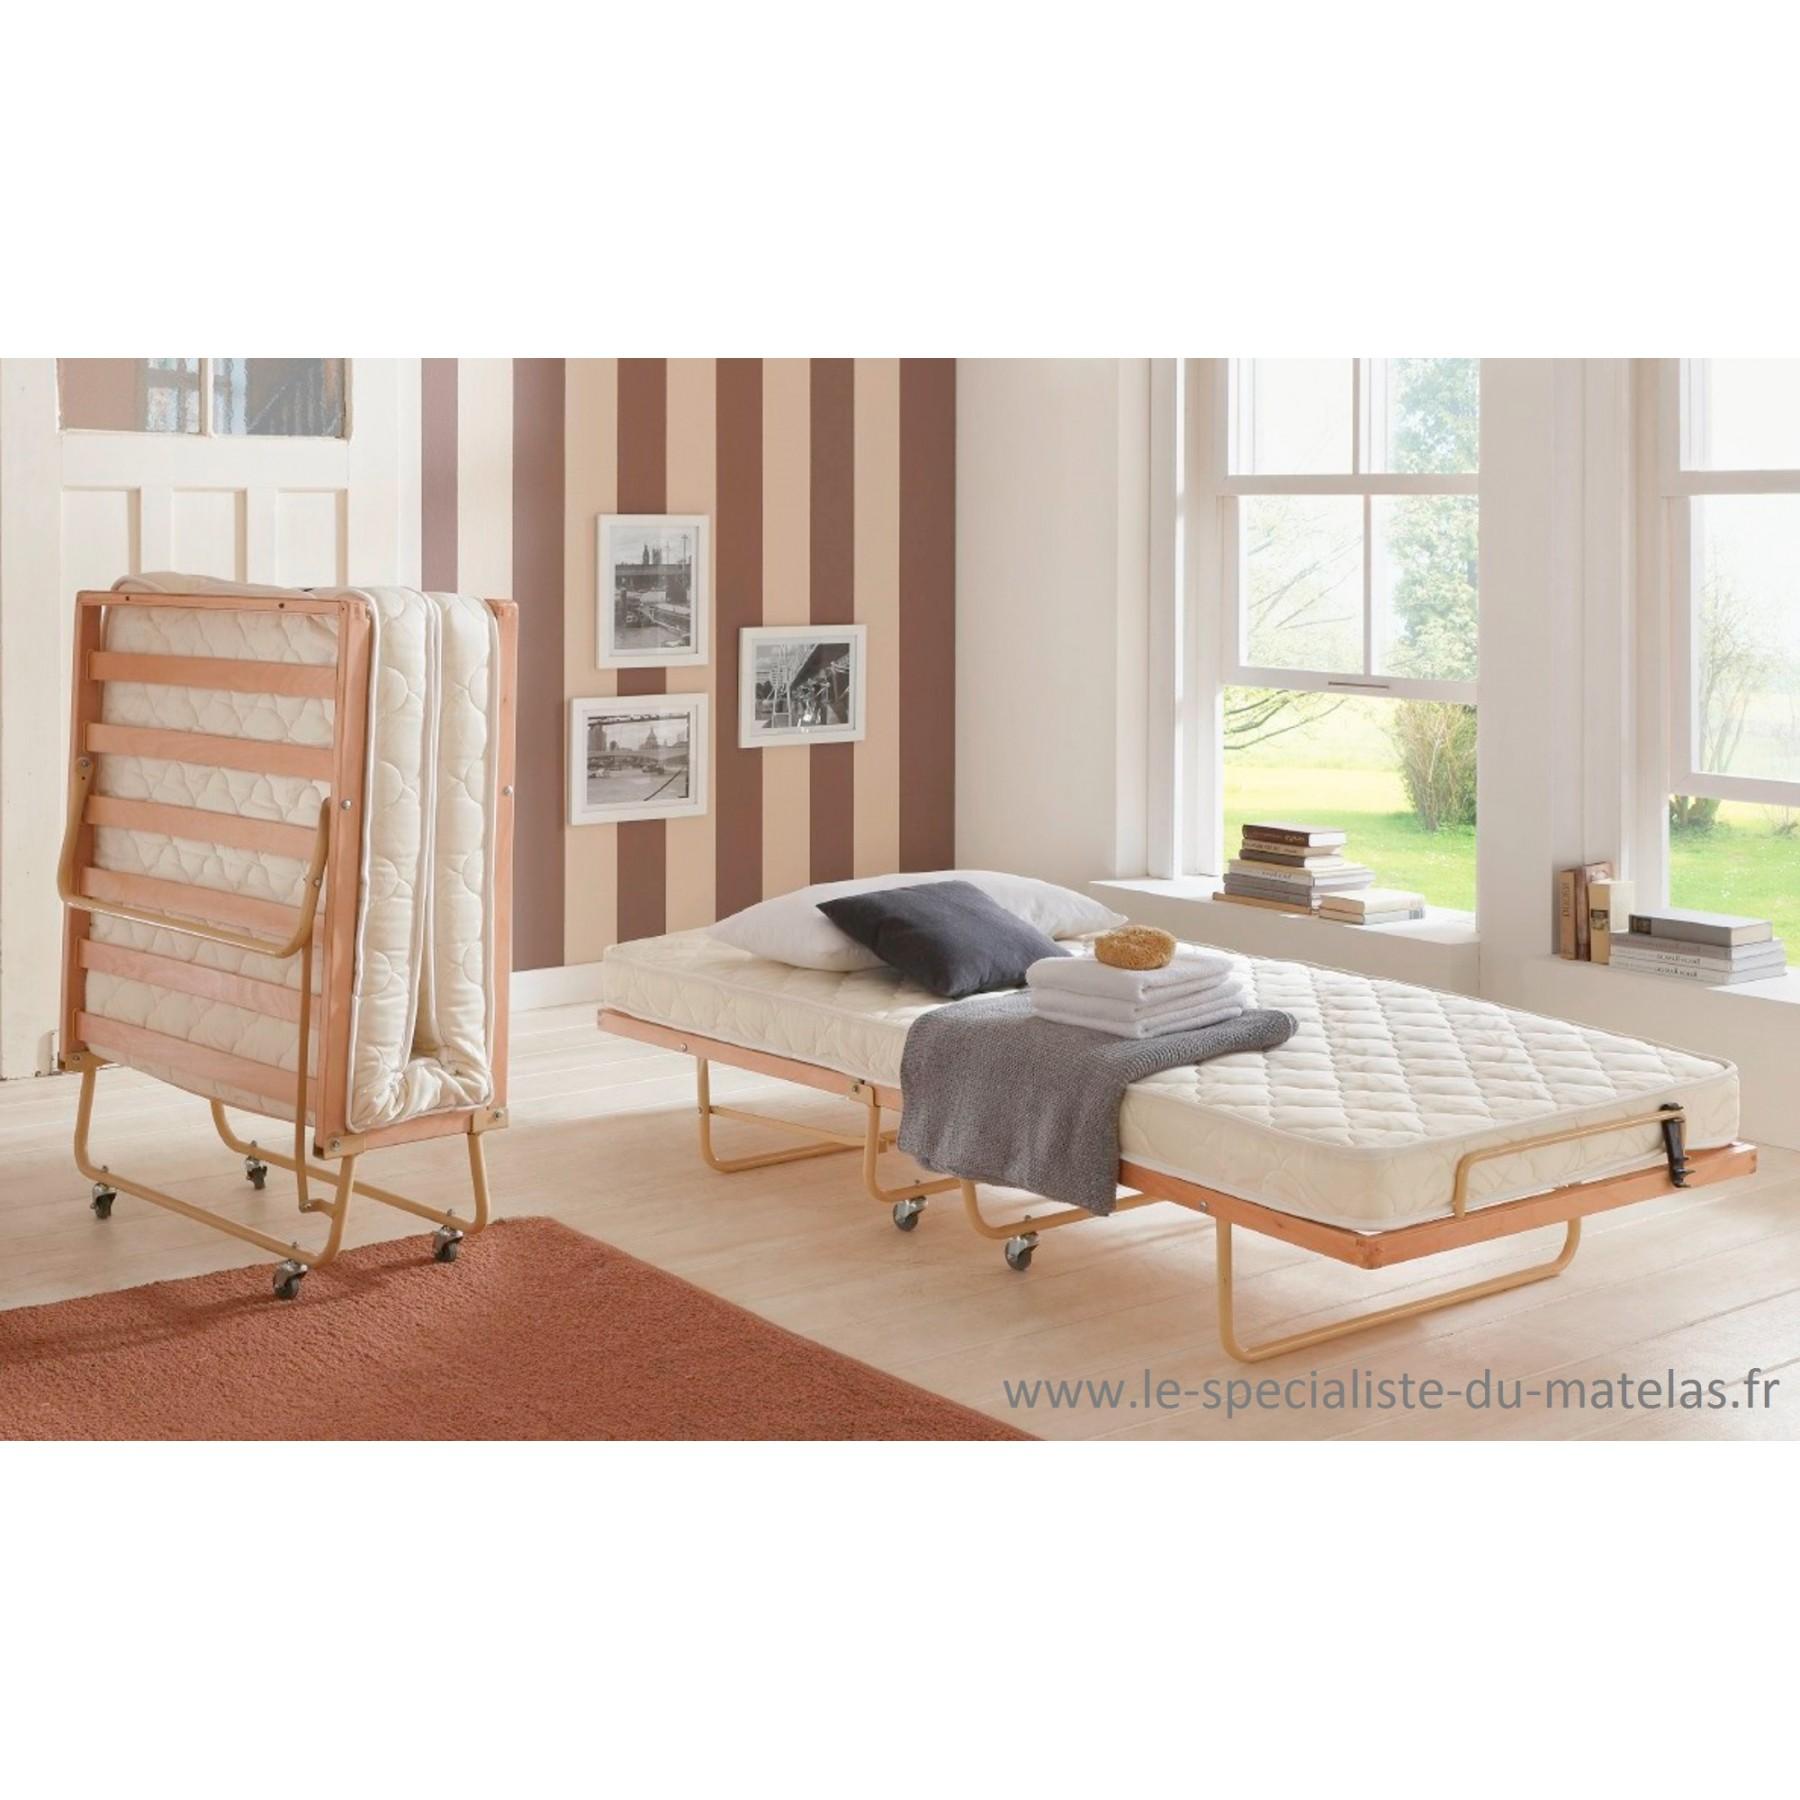 lit d 39 appoint lattes et cadre en bois d couvrir au le sp cialiste du matelas. Black Bedroom Furniture Sets. Home Design Ideas